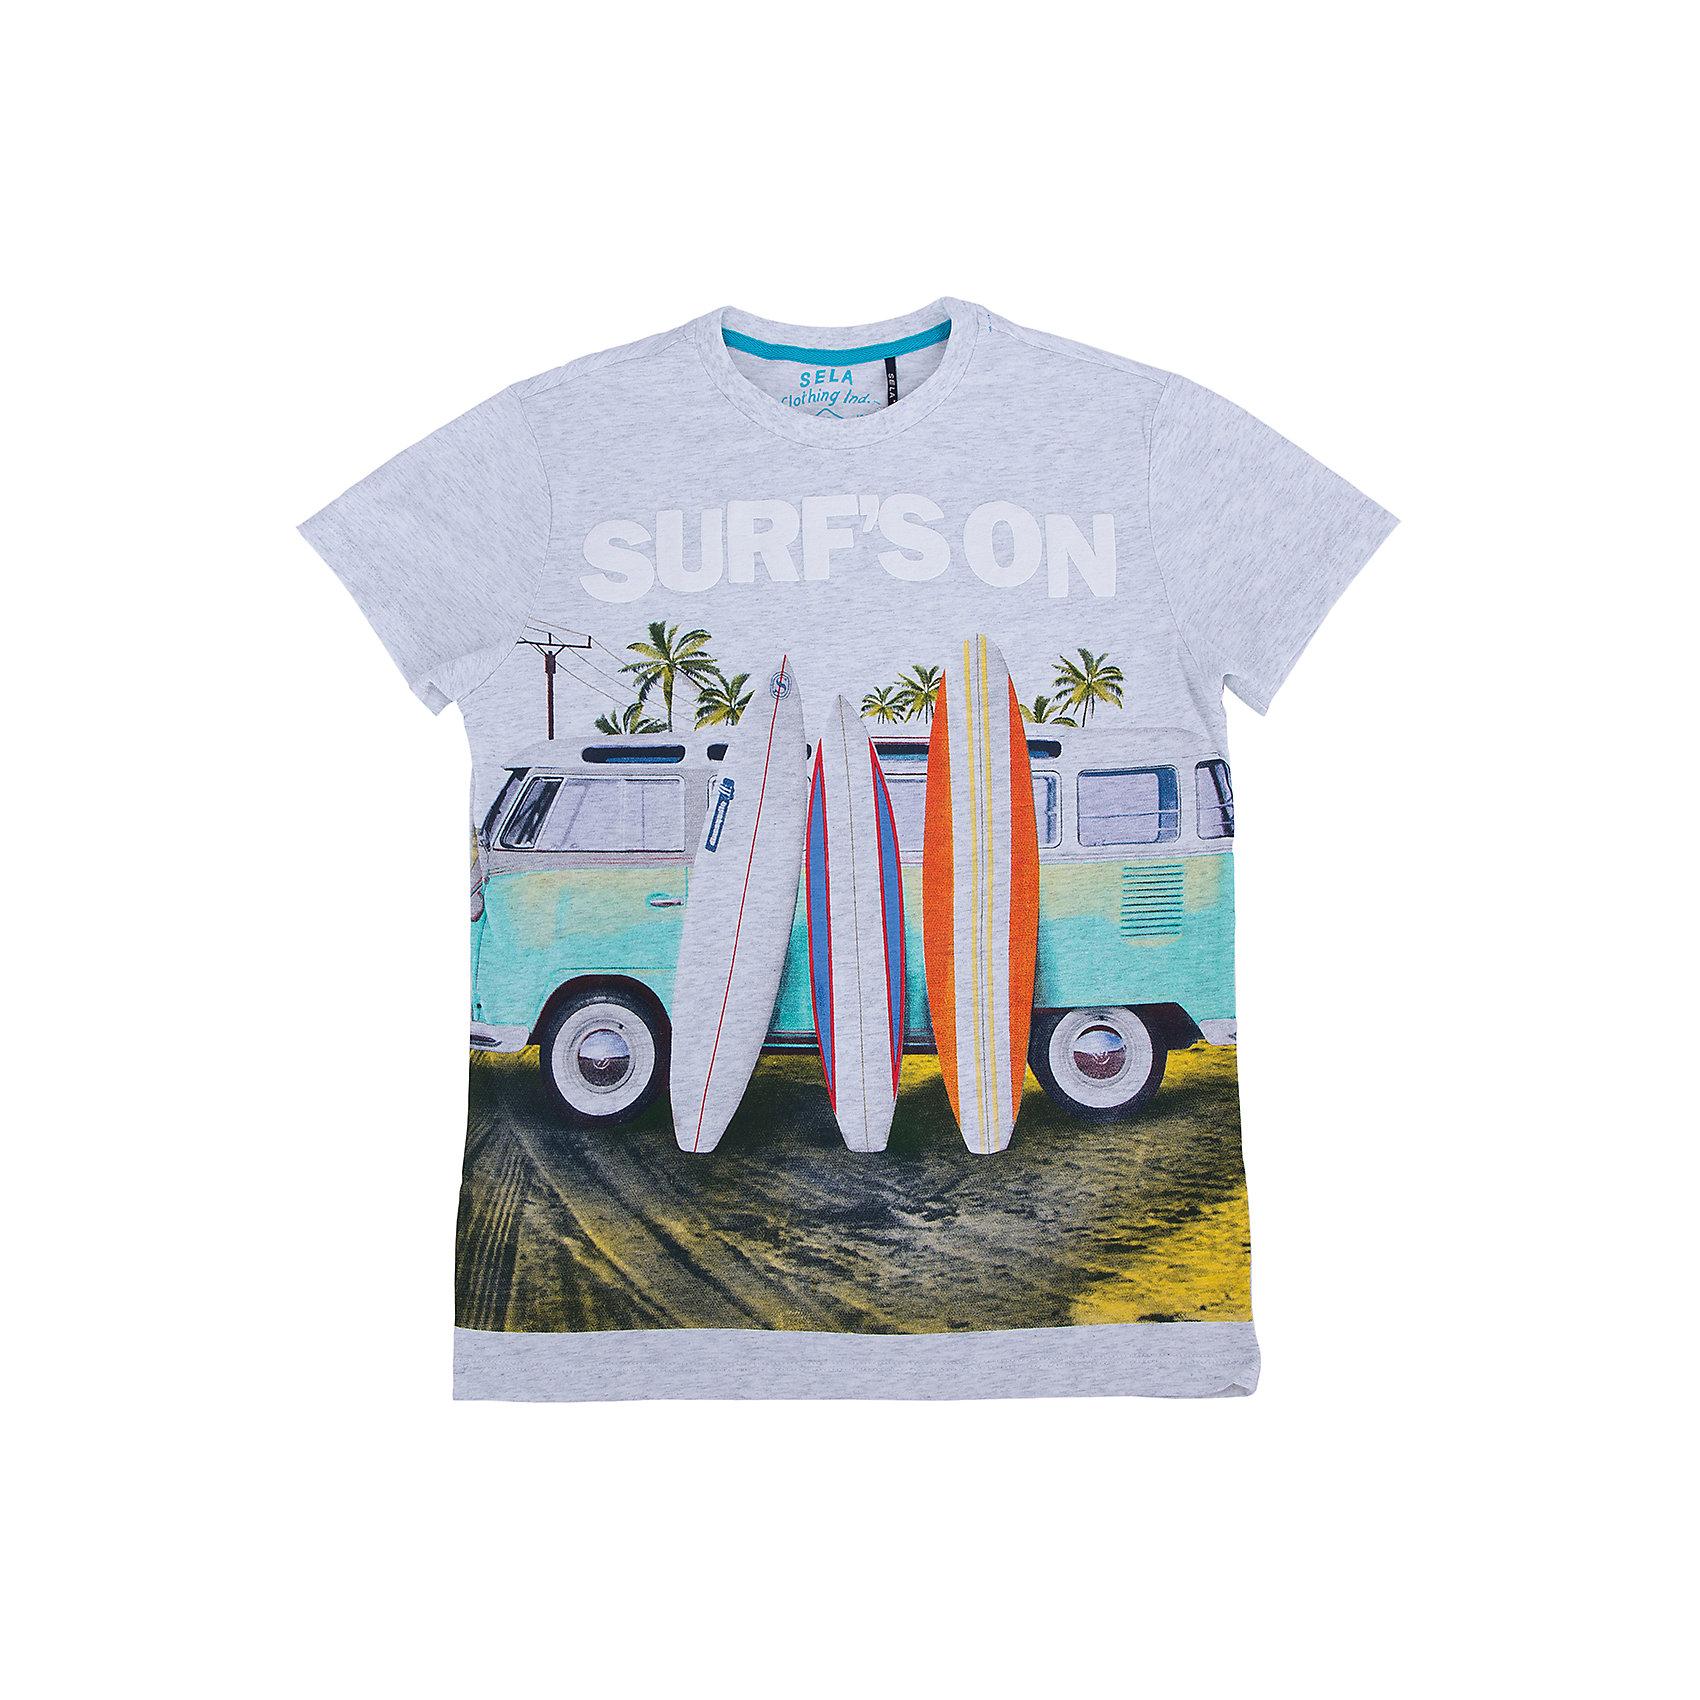 Футболка для мальчика SELAСтильная футболка для мальчика от популярного бренда SELA. Изделие выполнено из натурального гипоаллергенного трикотажа, очень мягкого, дышащего и приятного к телу, и обладает следующими особенностями:<br>- эффектный принт;<br>- эластичная отделка горловины;<br>- комфортный крой;<br>- базовая модель.<br>Великолепный выбор для активного лета!<br><br>Дополнительная информация:<br>- состав: 100% хлопок<br>- цвет: мультиколор<br><br>Футболку для мальчика SELA (СЕЛА) можно купить в нашем магазине<br><br>Ширина мм: 230<br>Глубина мм: 40<br>Высота мм: 220<br>Вес г: 250<br>Цвет: серый<br>Возраст от месяцев: 132<br>Возраст до месяцев: 144<br>Пол: Мужской<br>Возраст: Детский<br>Размер: 152,116,122,128,134,140,146<br>SKU: 4741287